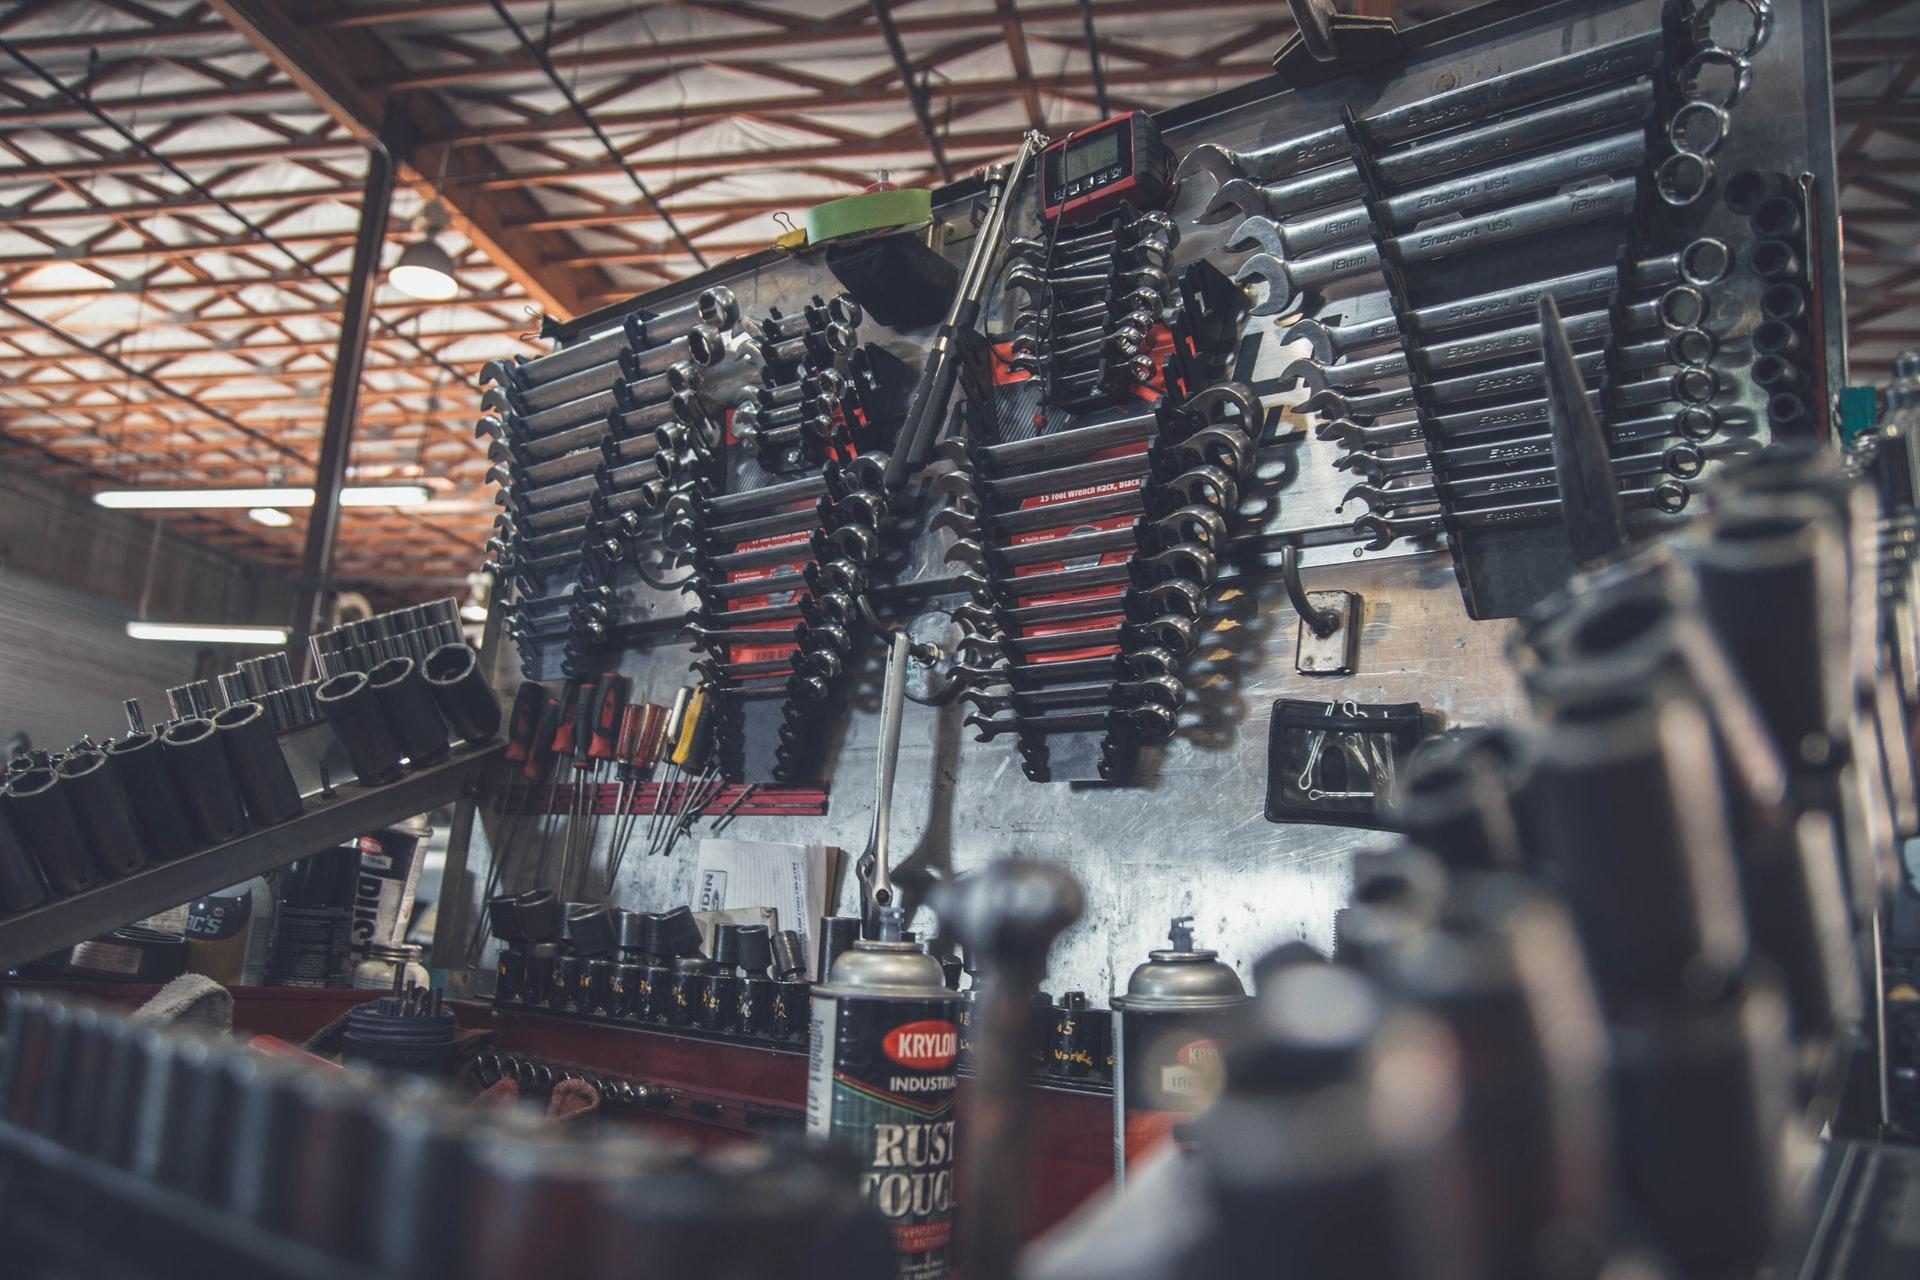 Har du brug for montering af anhængertræk?